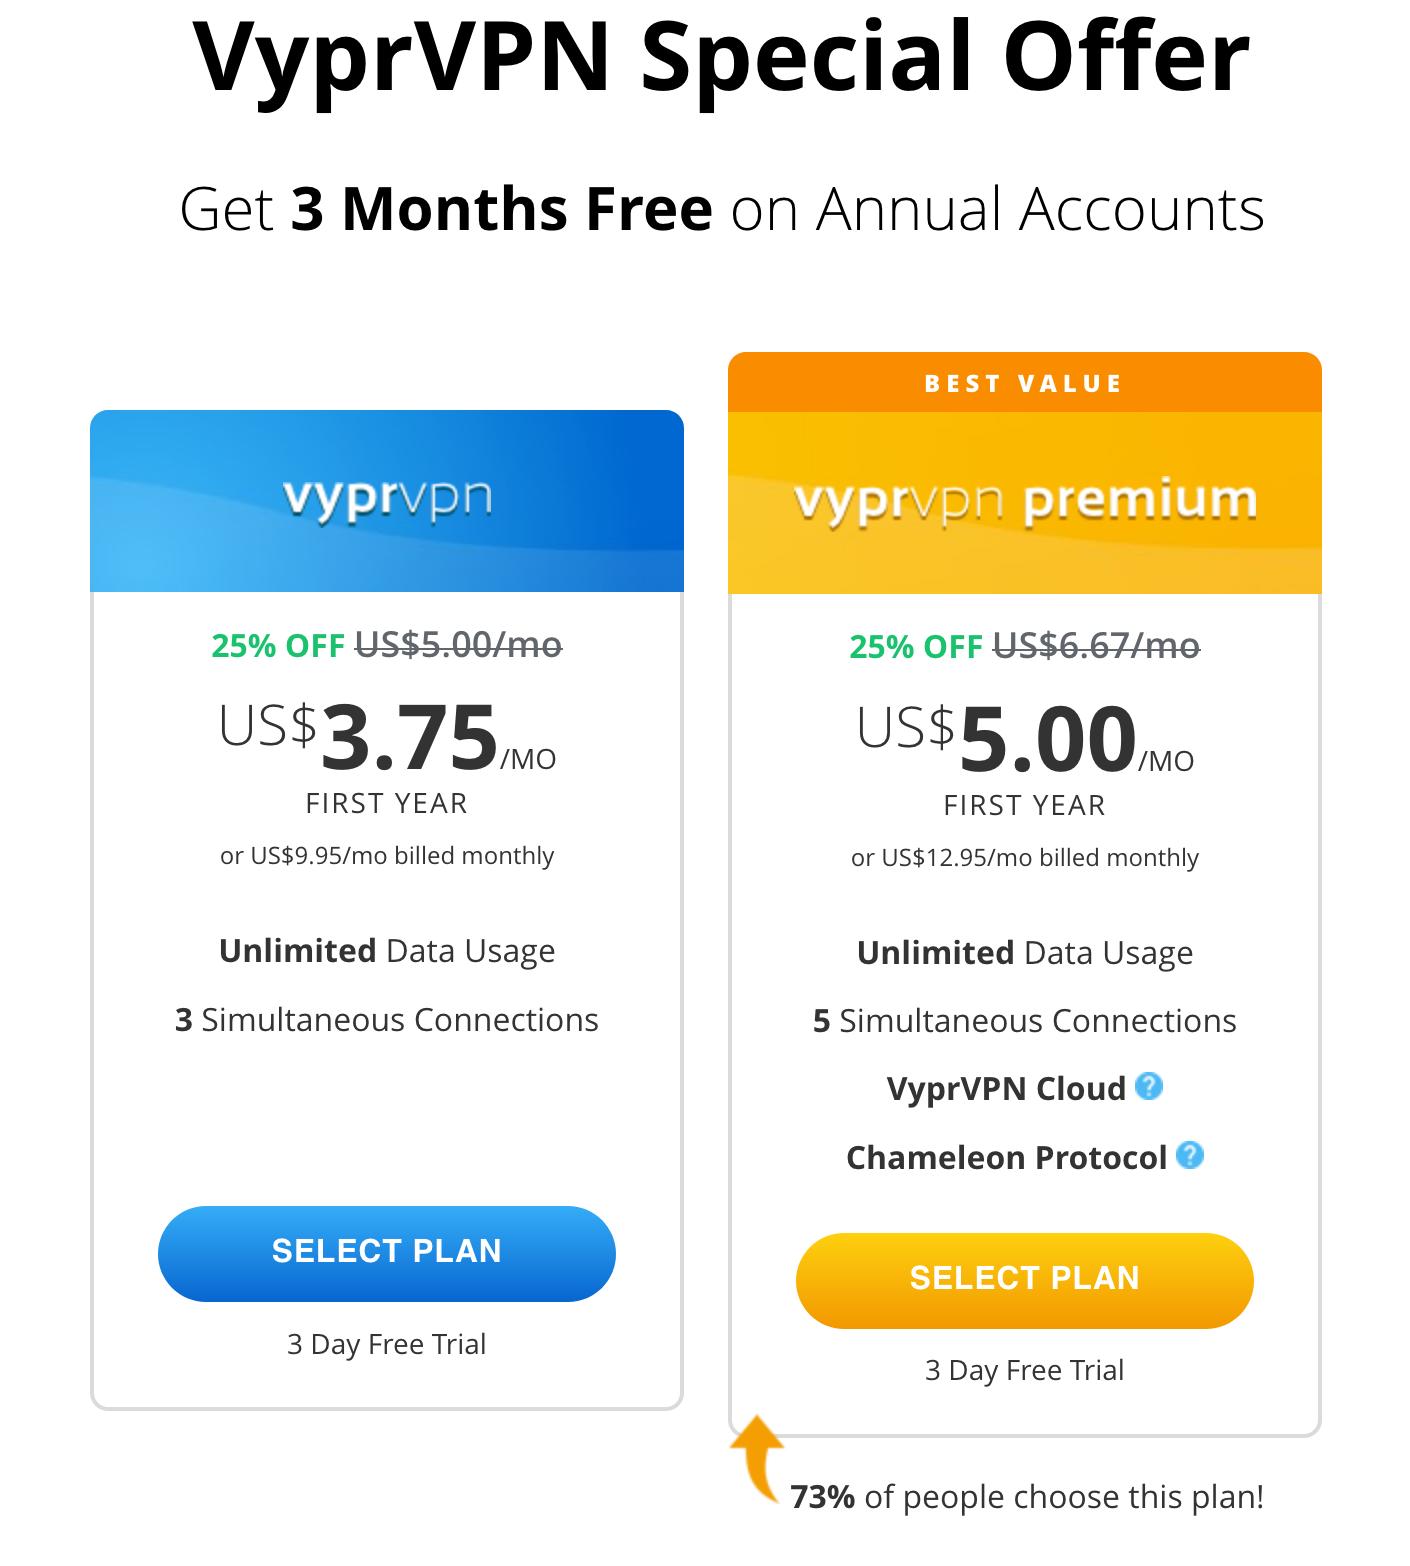 vyprvpn special discount